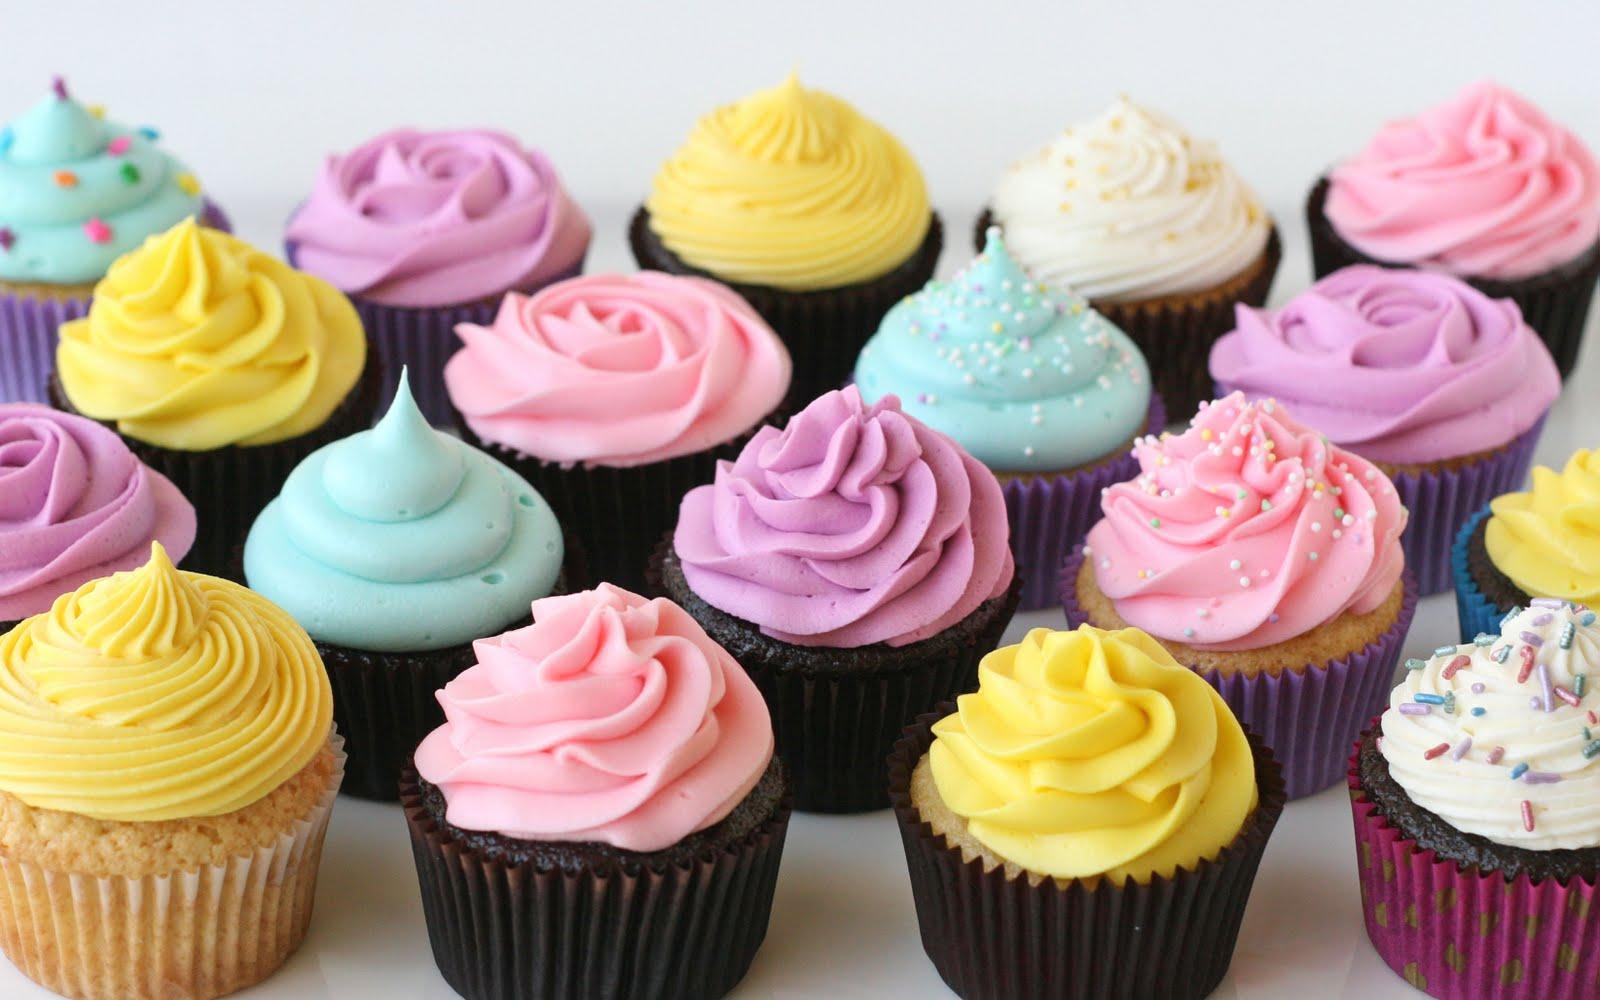 Crowley Cupcakes